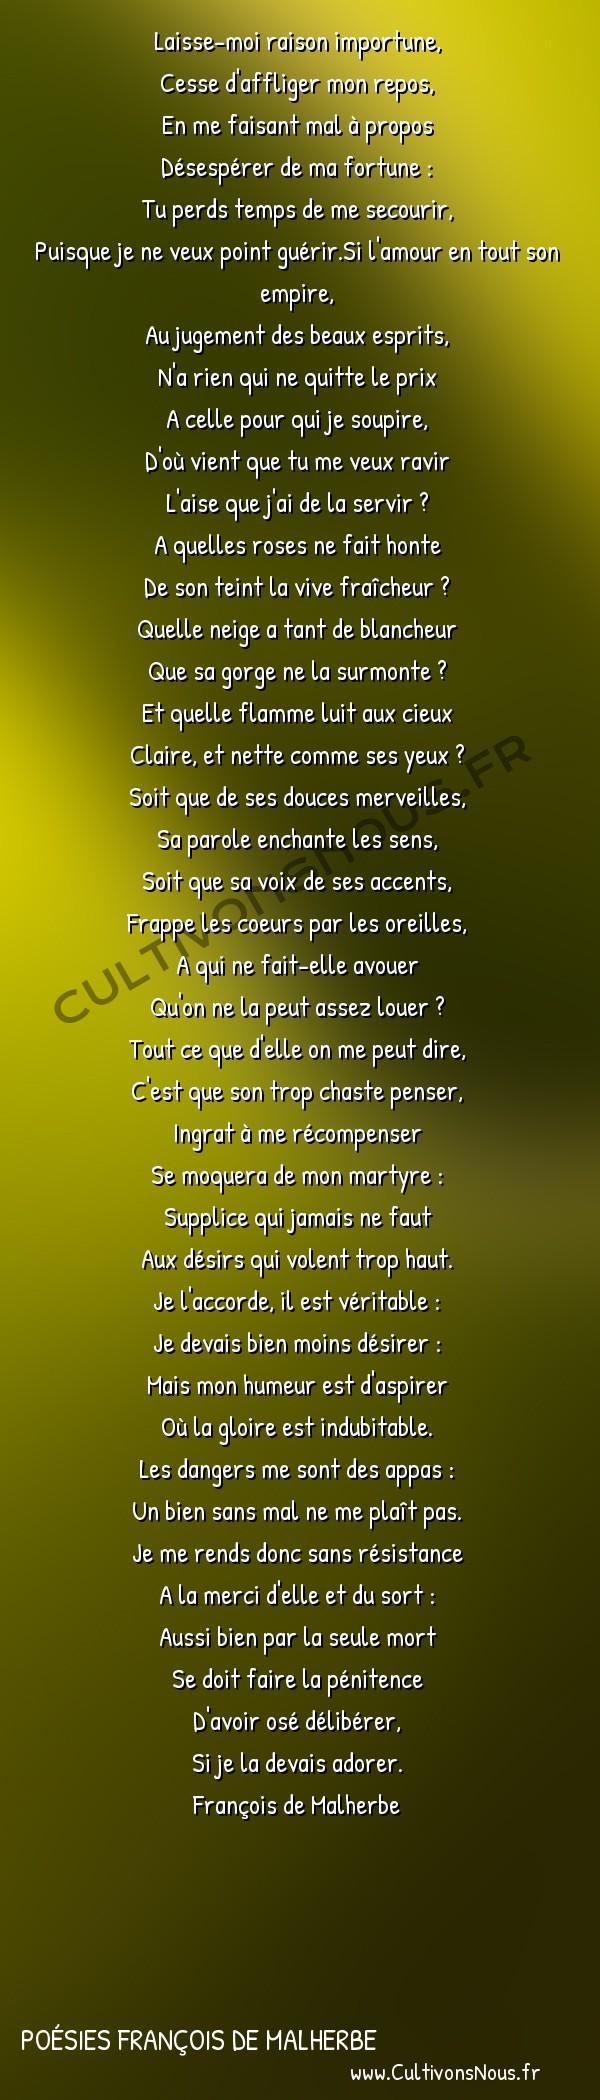 Poésies François de Malherbe - Laisse-moi … -  Laisse-moi raison importune, Cesse d'affliger mon repos,